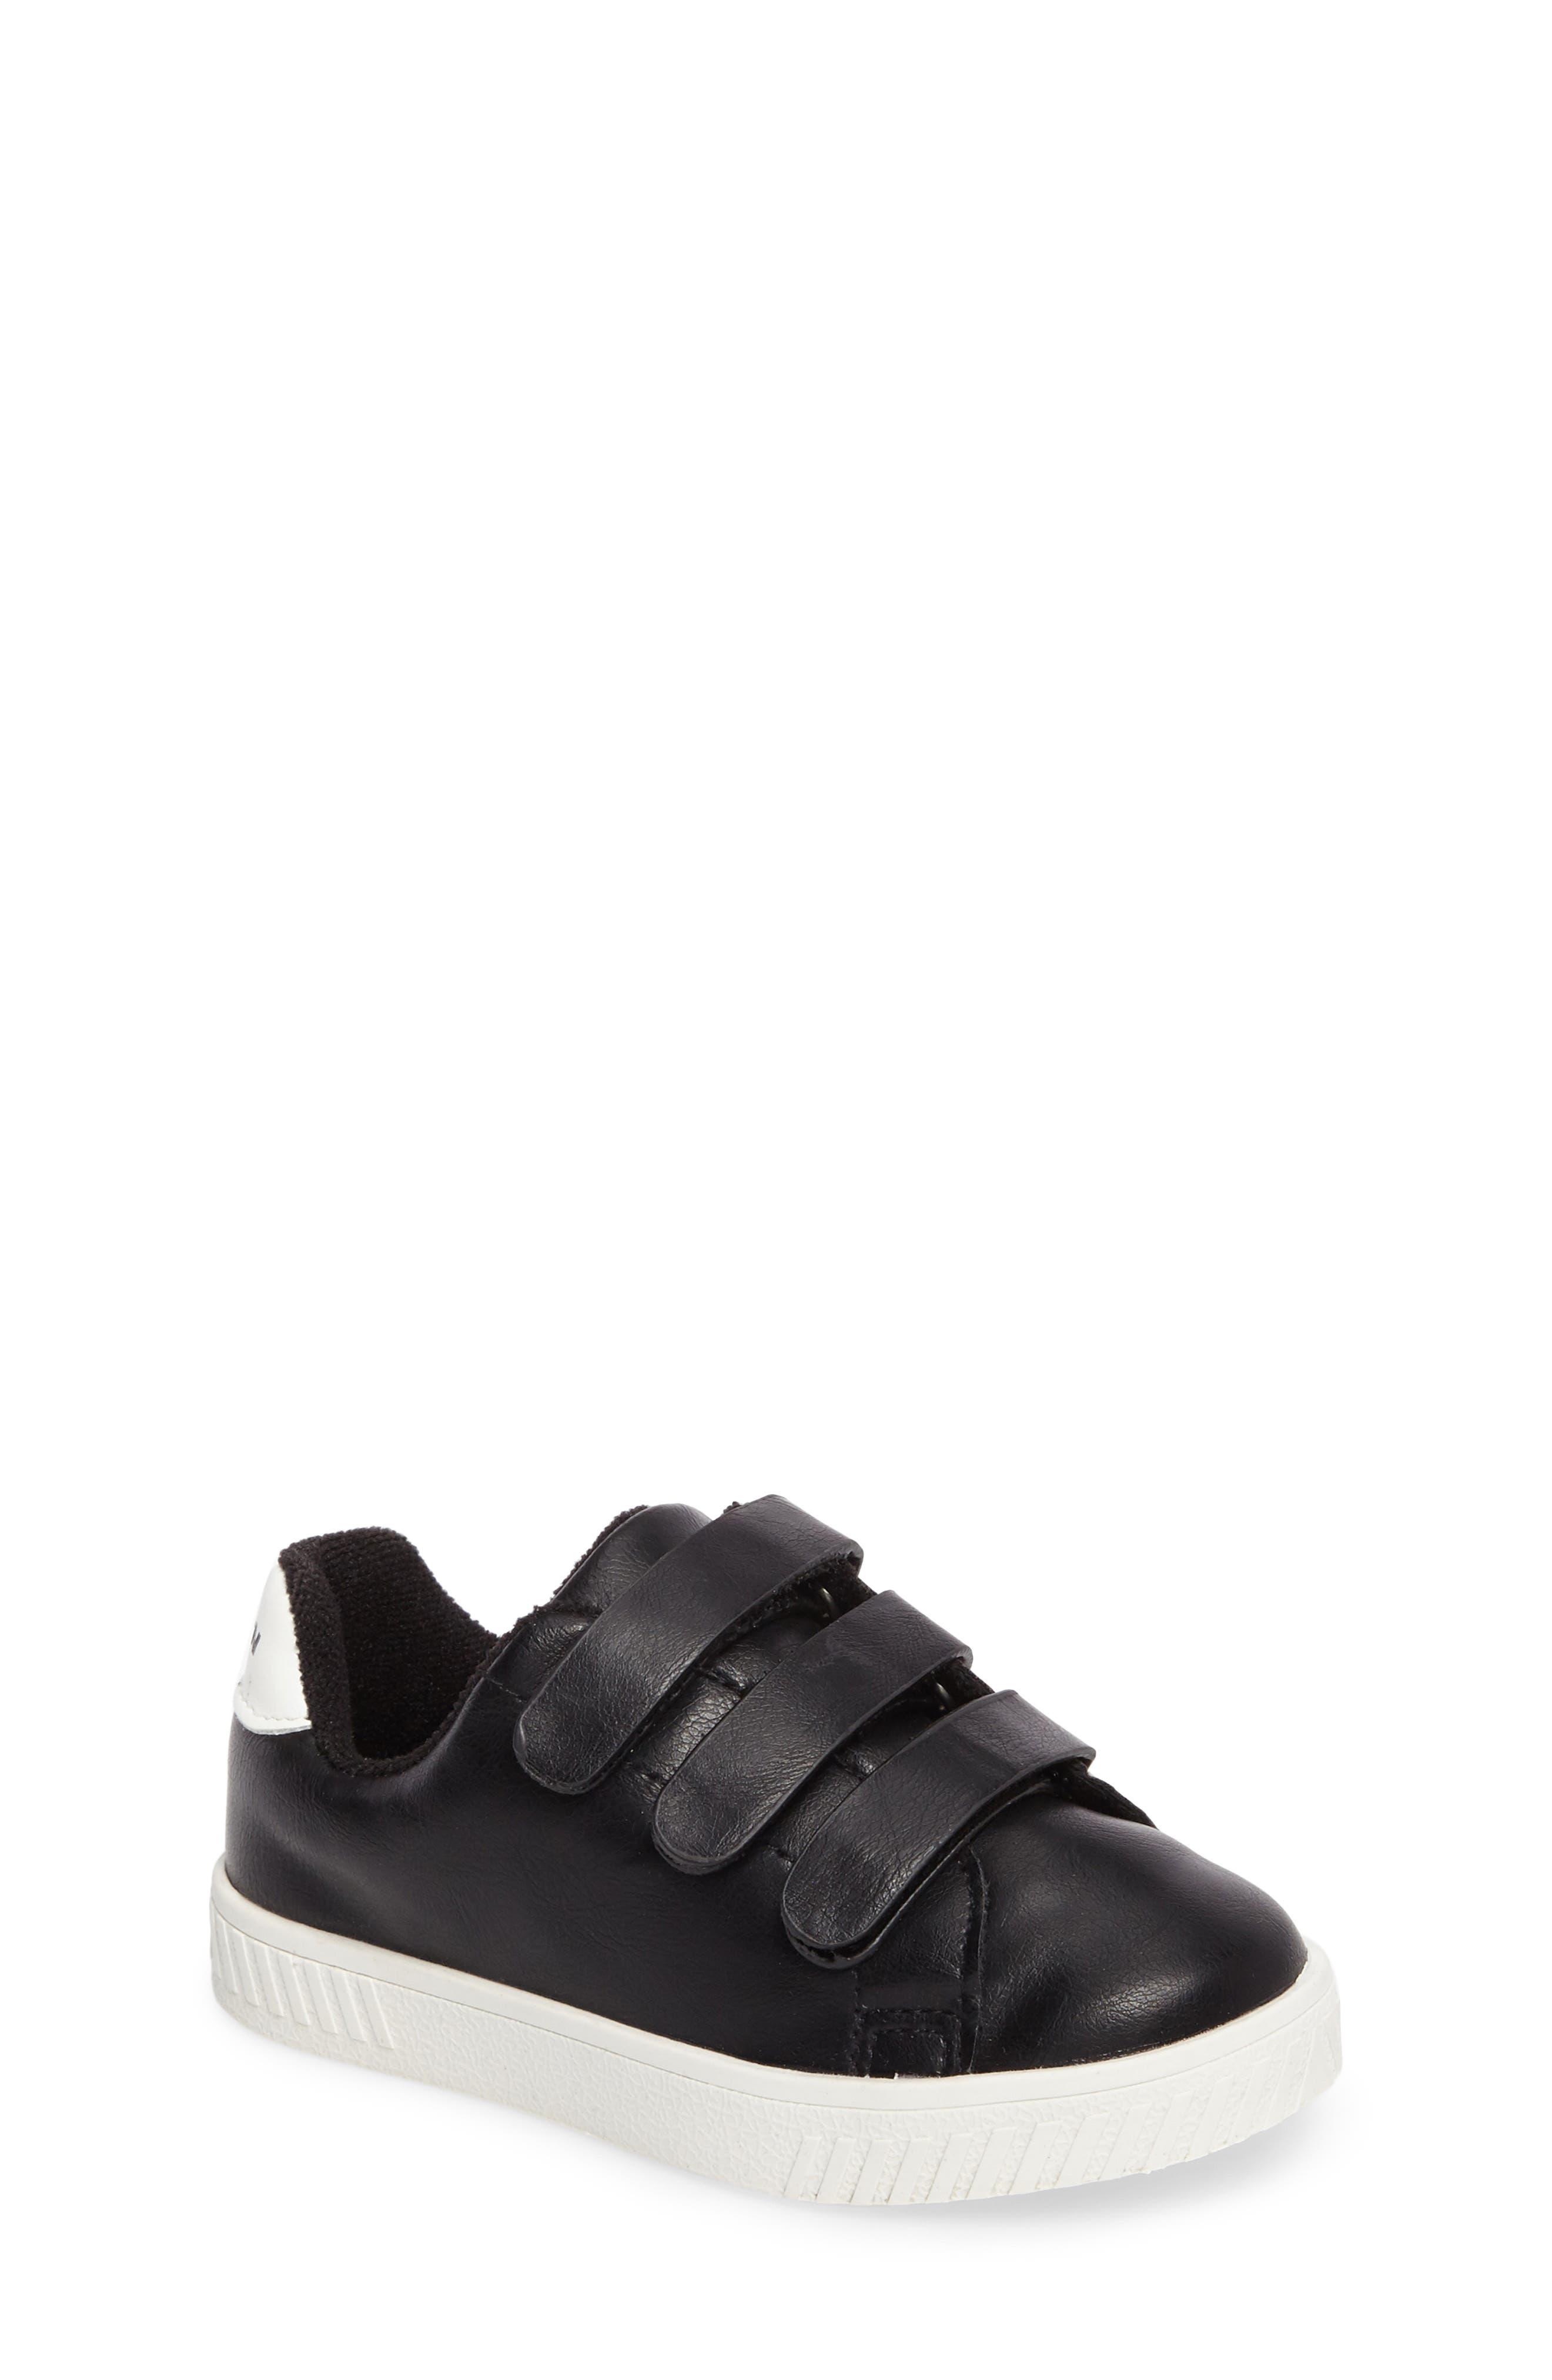 Camden Carry Sneaker,                             Main thumbnail 1, color,                             005